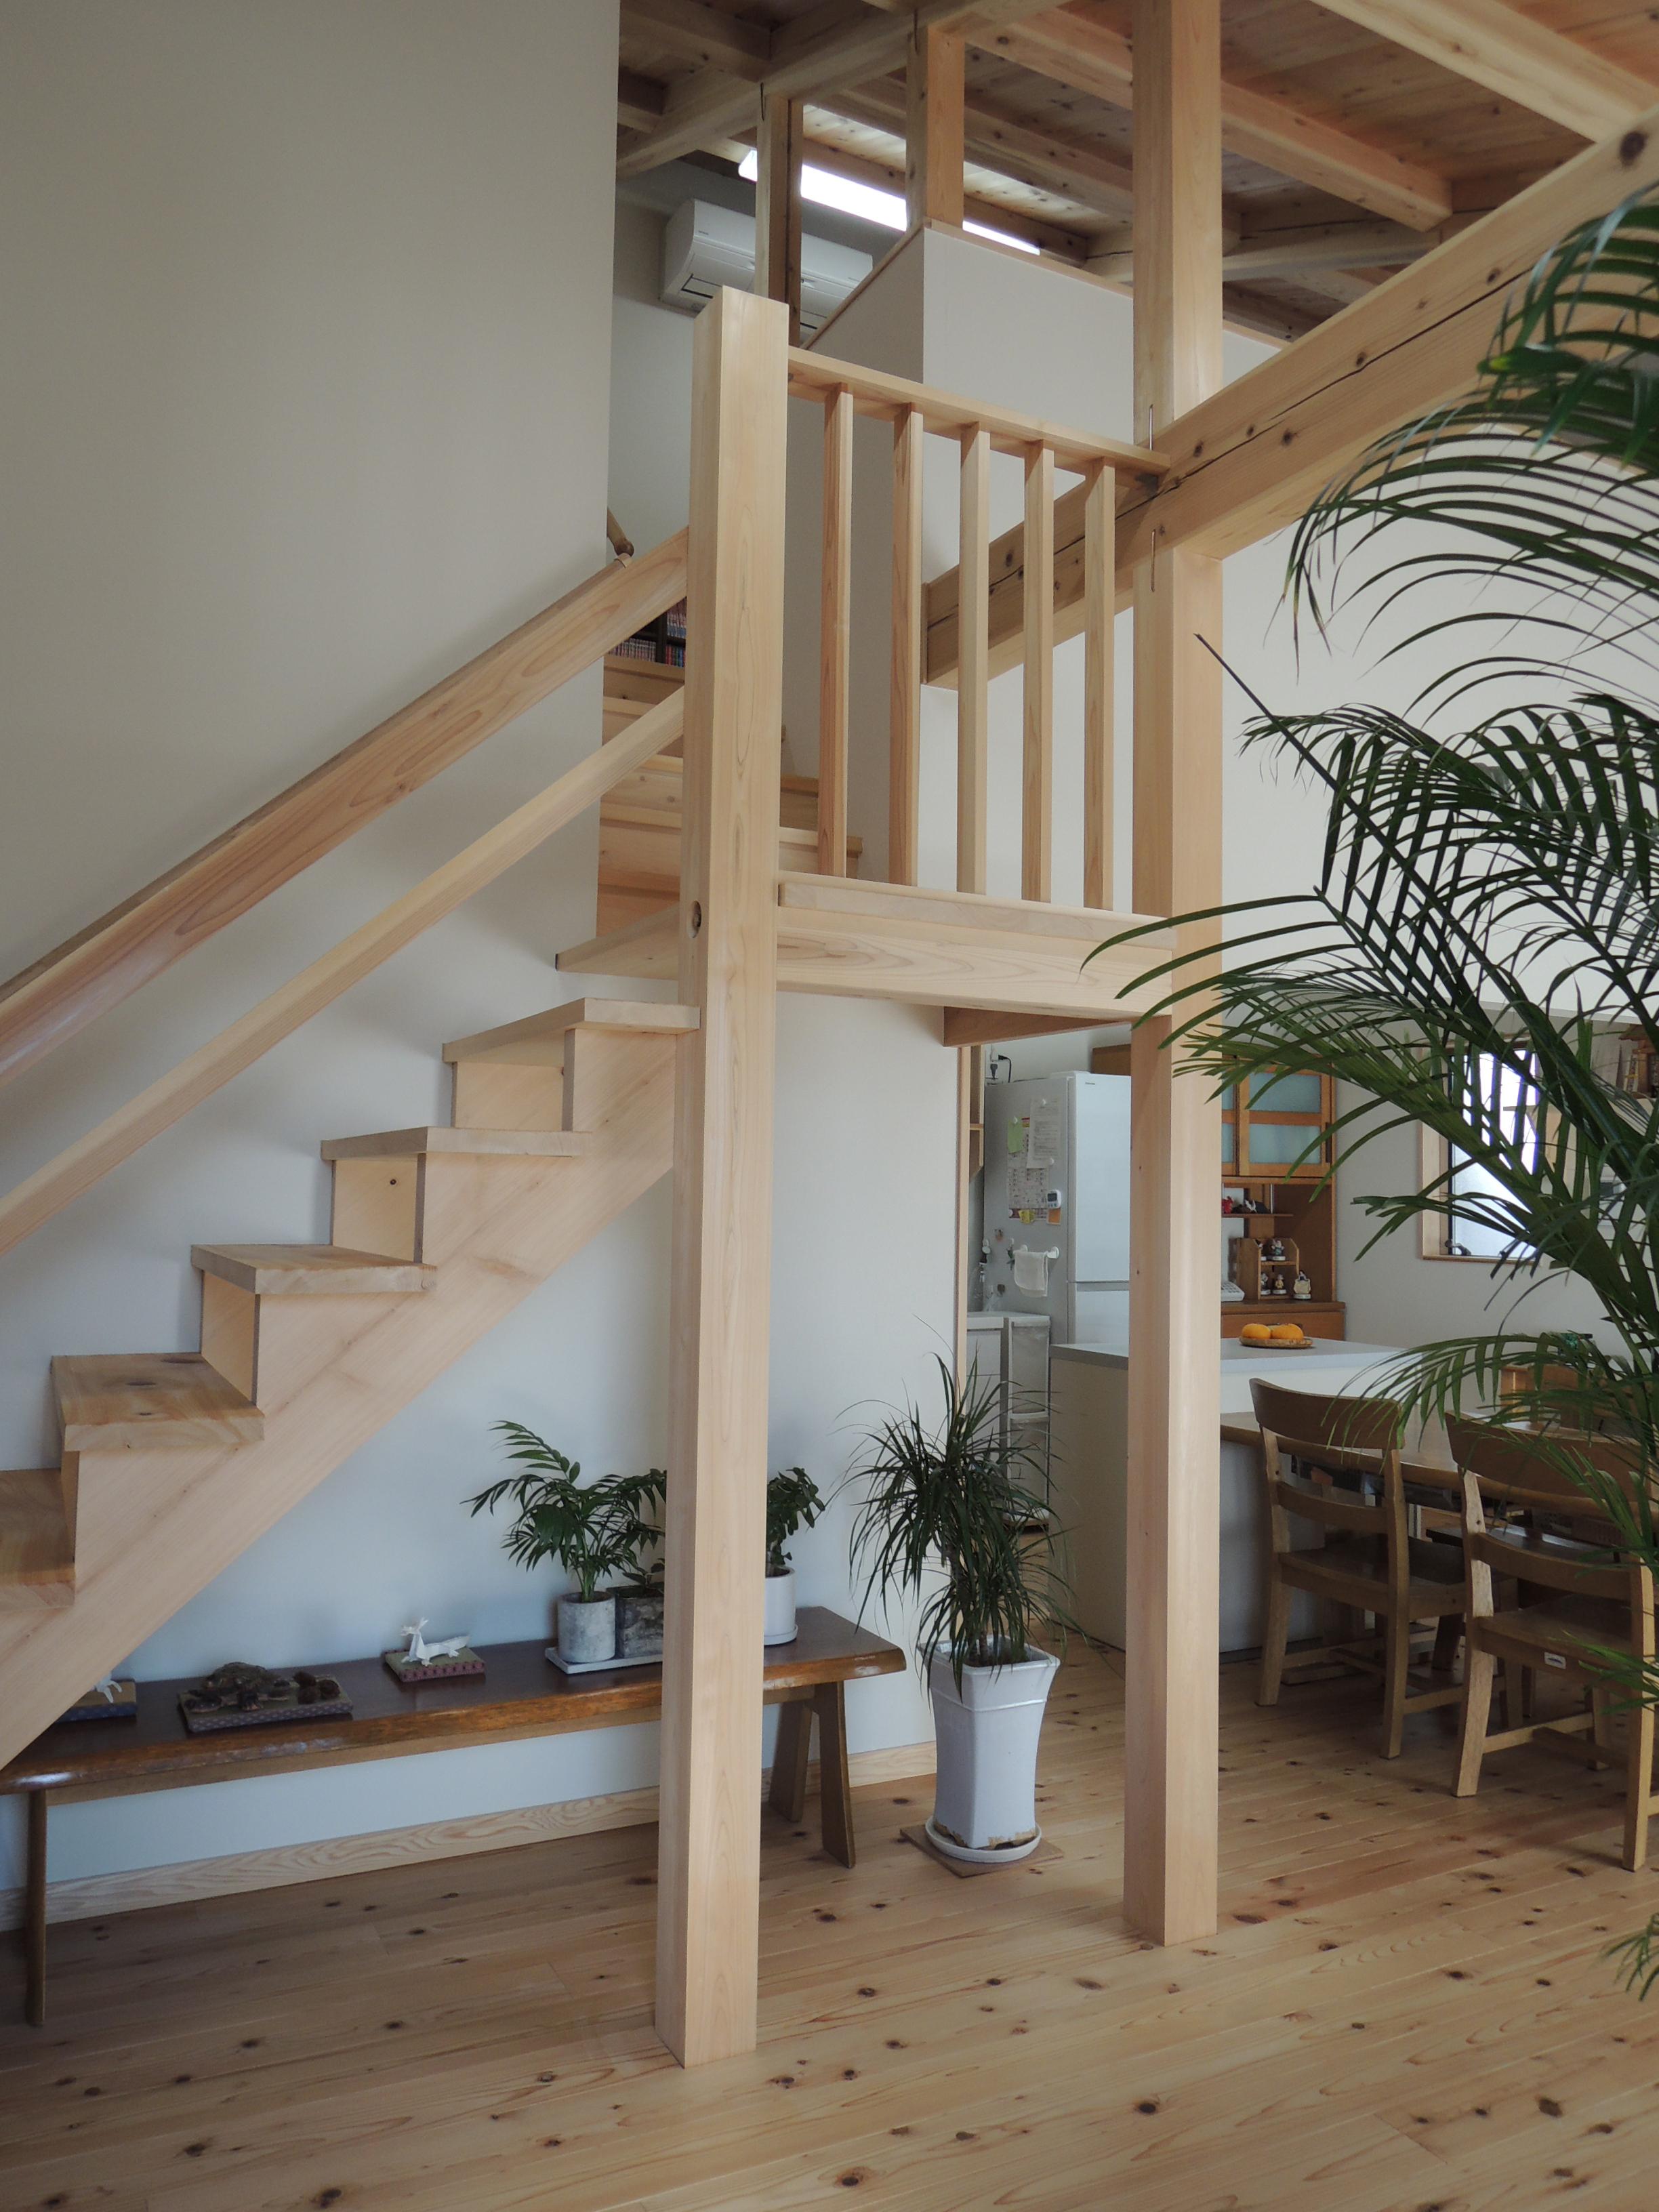 建築工房ハミング【自然素材、間取り、建築家】ロフトへ続くヒノキのスリップ階段は、ご主人のリクエスト。歳をとってもスムーズに上り降りできるように手すりの位置などが計算されている